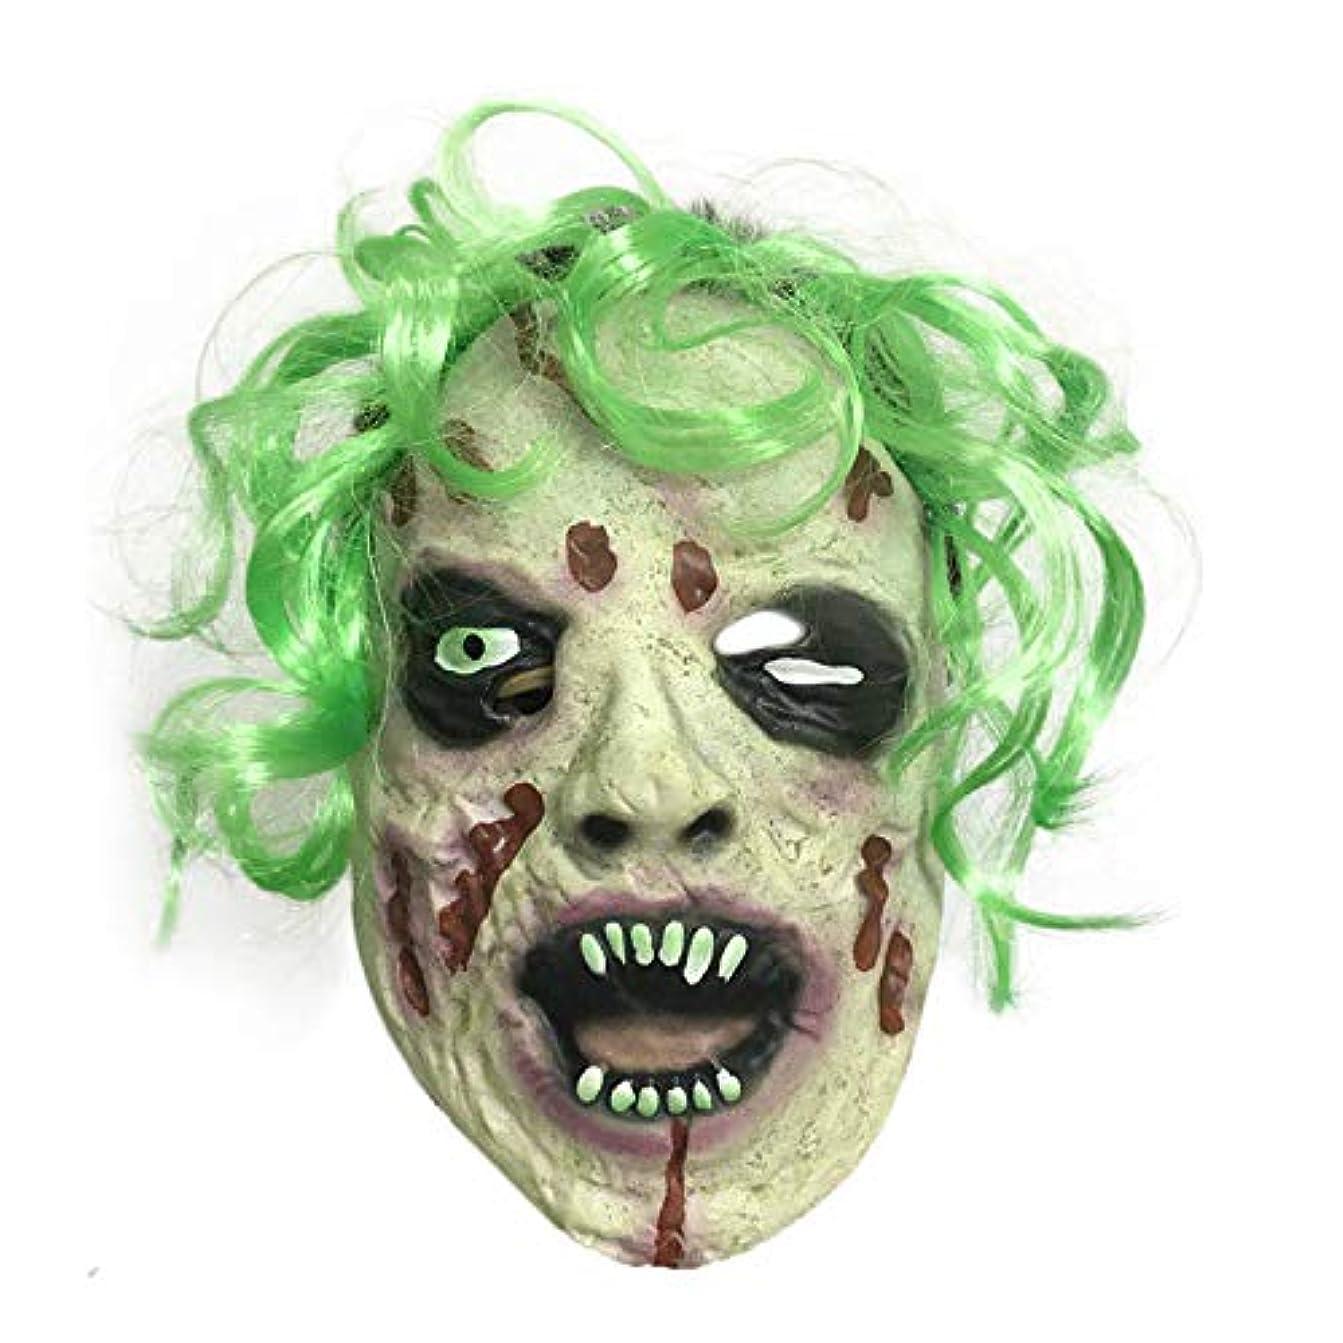 スライム自分のスーツマスク、ゾンビマスク、偏心ダンスの衣装、緑の殺人事件でハロウィンホラー